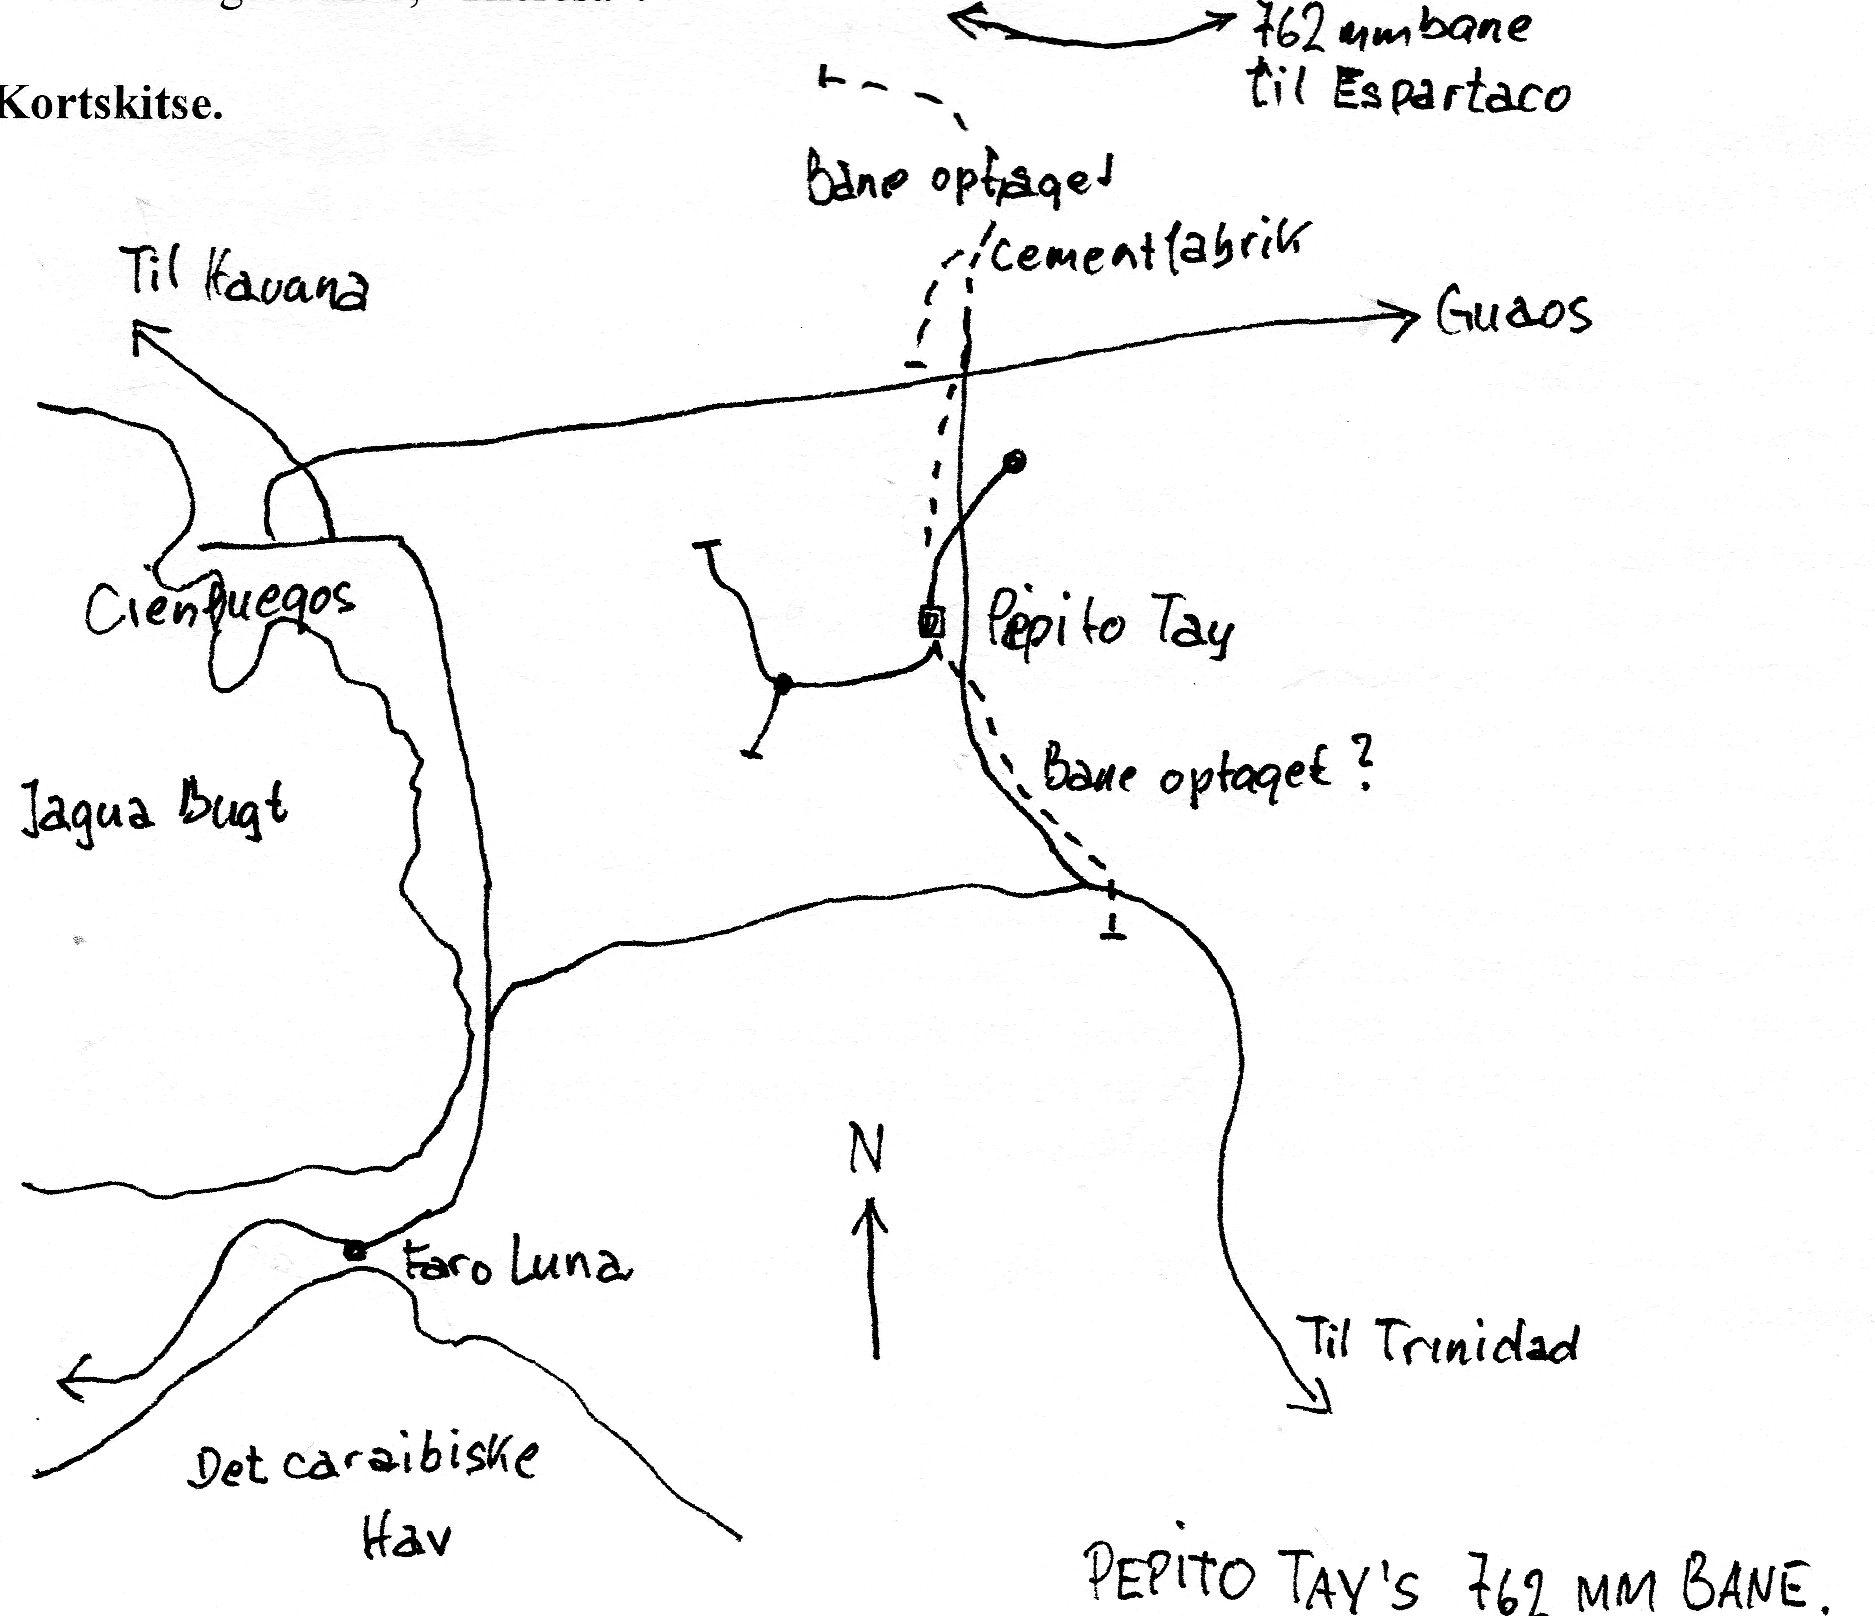 Kortskitse for CAI 443 Pepito Tay. Her stregerne veje. Pepito Tays bane er også fuldt optrukket, men ganske kort. To større nedlagt grene er også markeret. Øverst ses en anden smalsporbane, hvor vi dog ikke var.